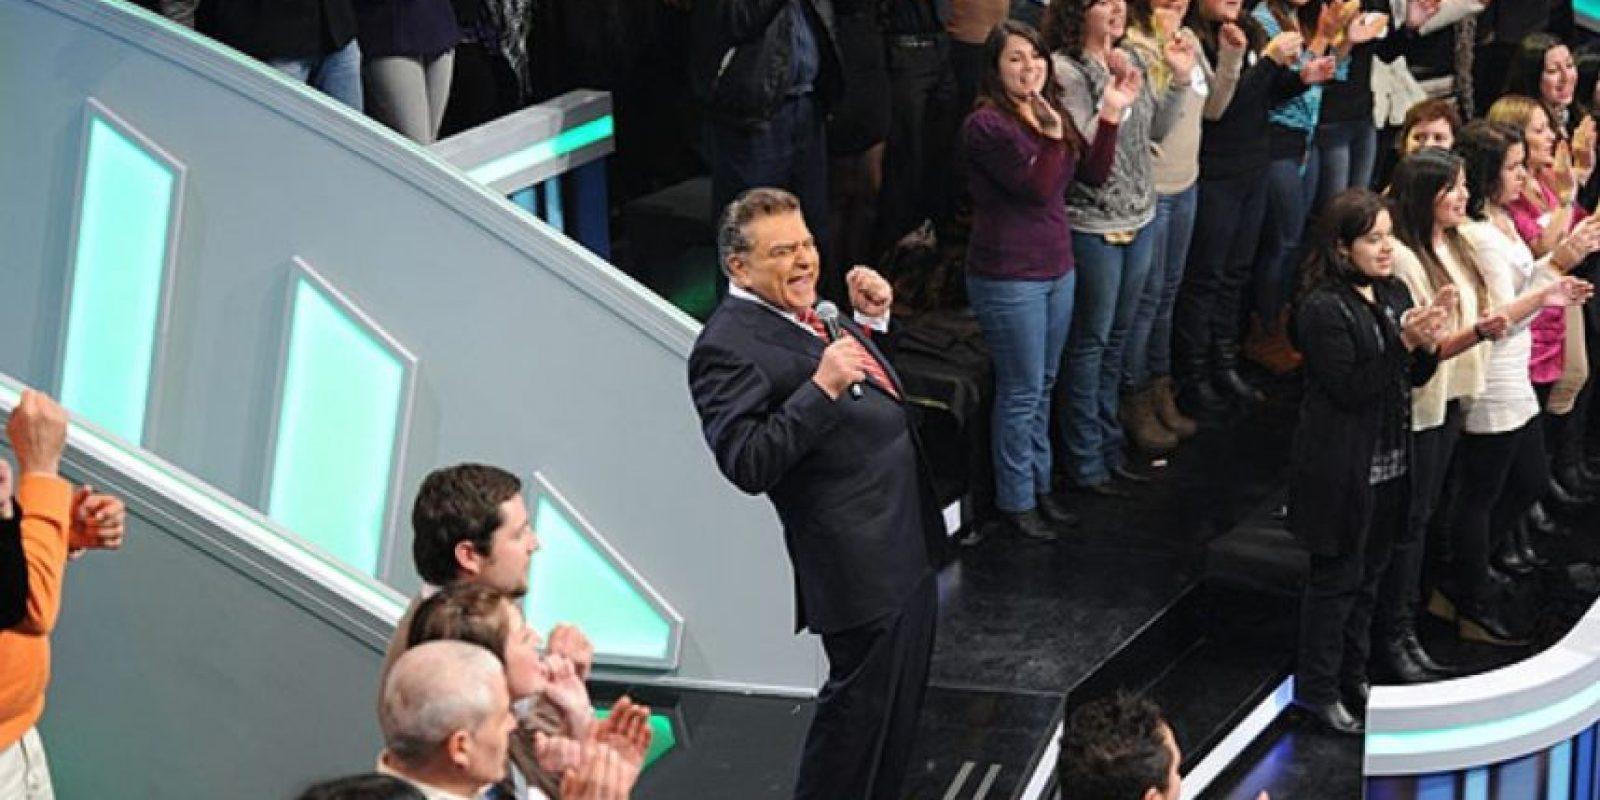 Personas del público acudían señalando que eran idénticos a celebridades, deportistas o personas famosas. Foto:Twitter